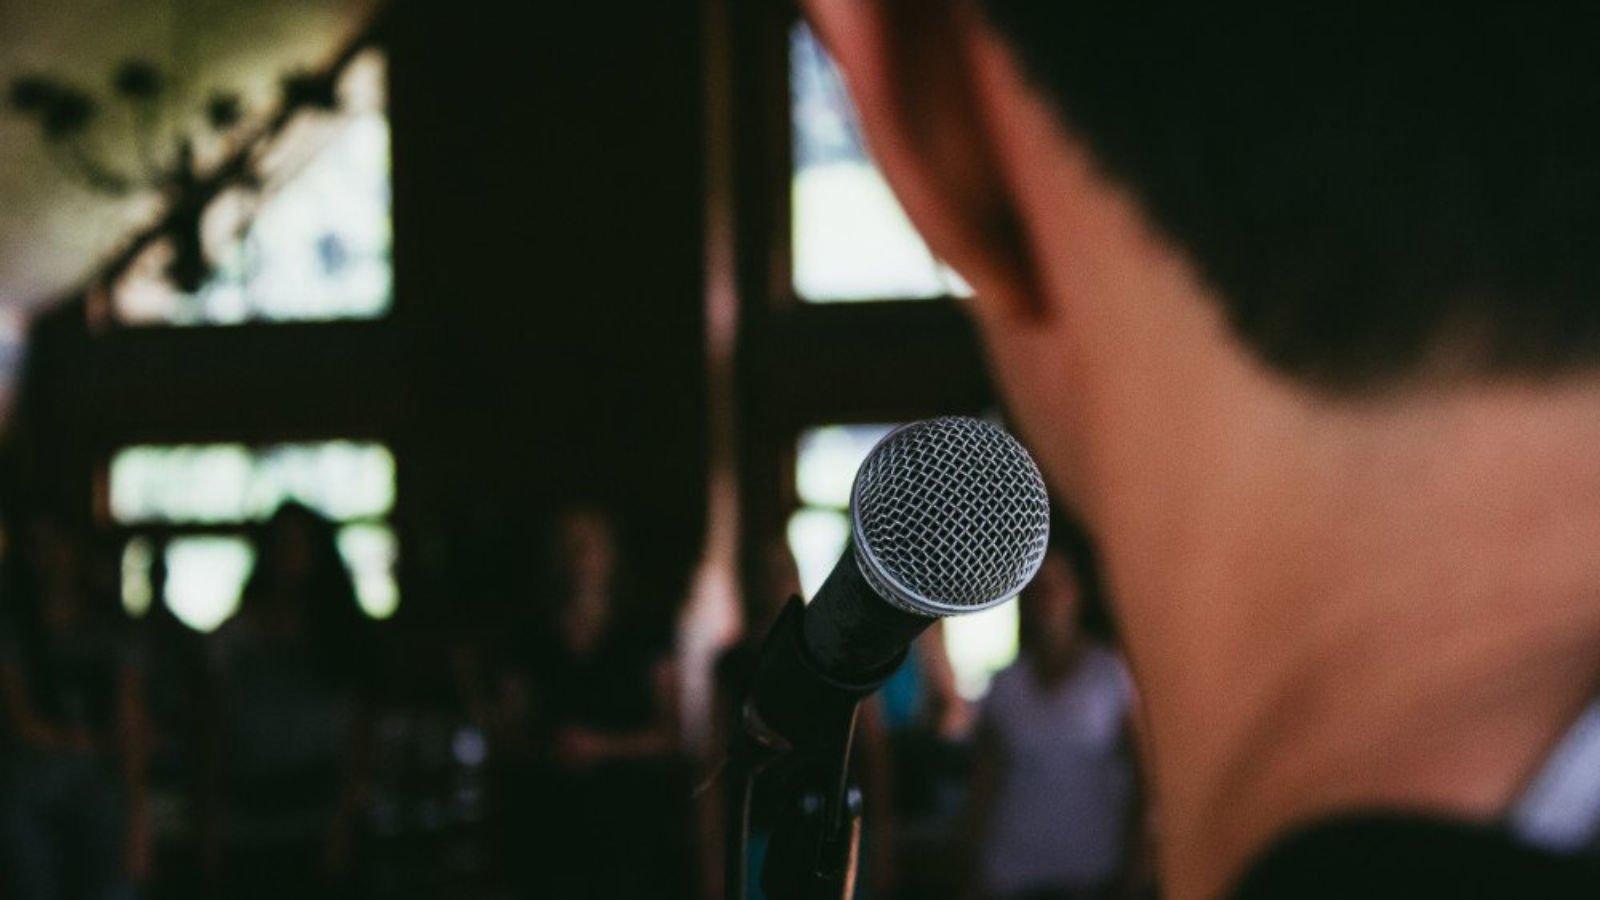 L'appréhension à communiquer en langue étrangère – Article 3